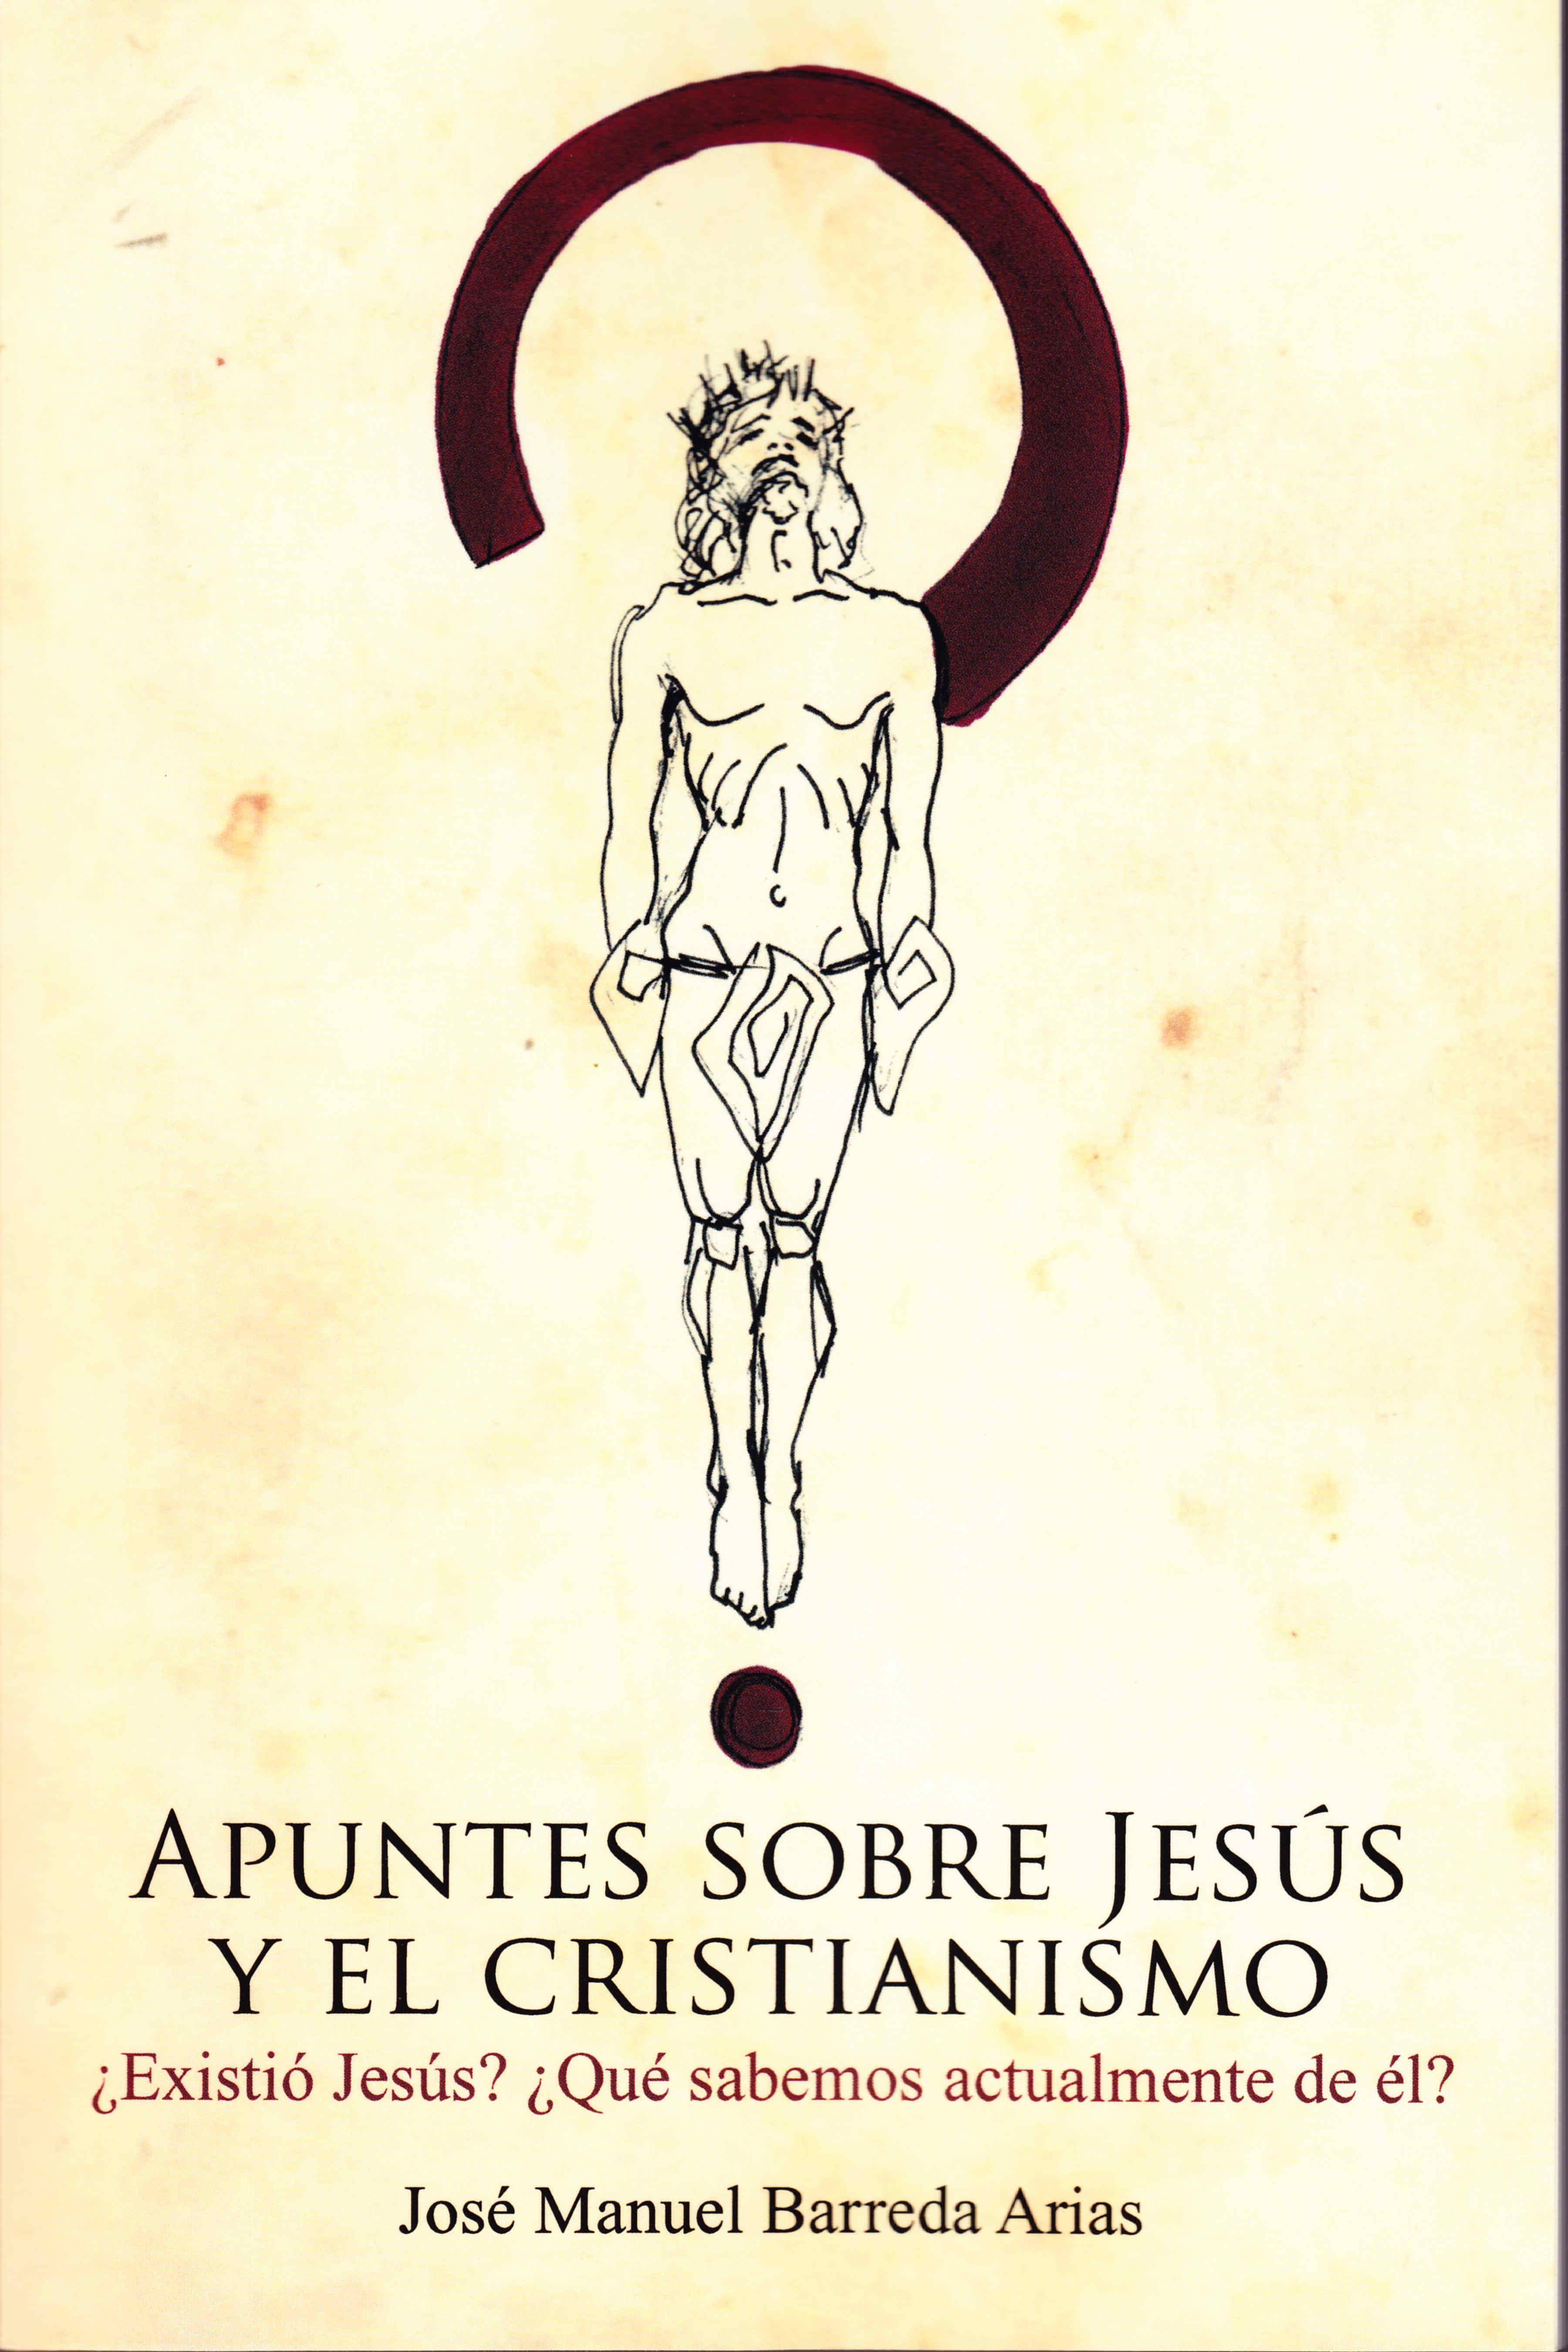 Apuntes sobre Jesús de J M Barreda